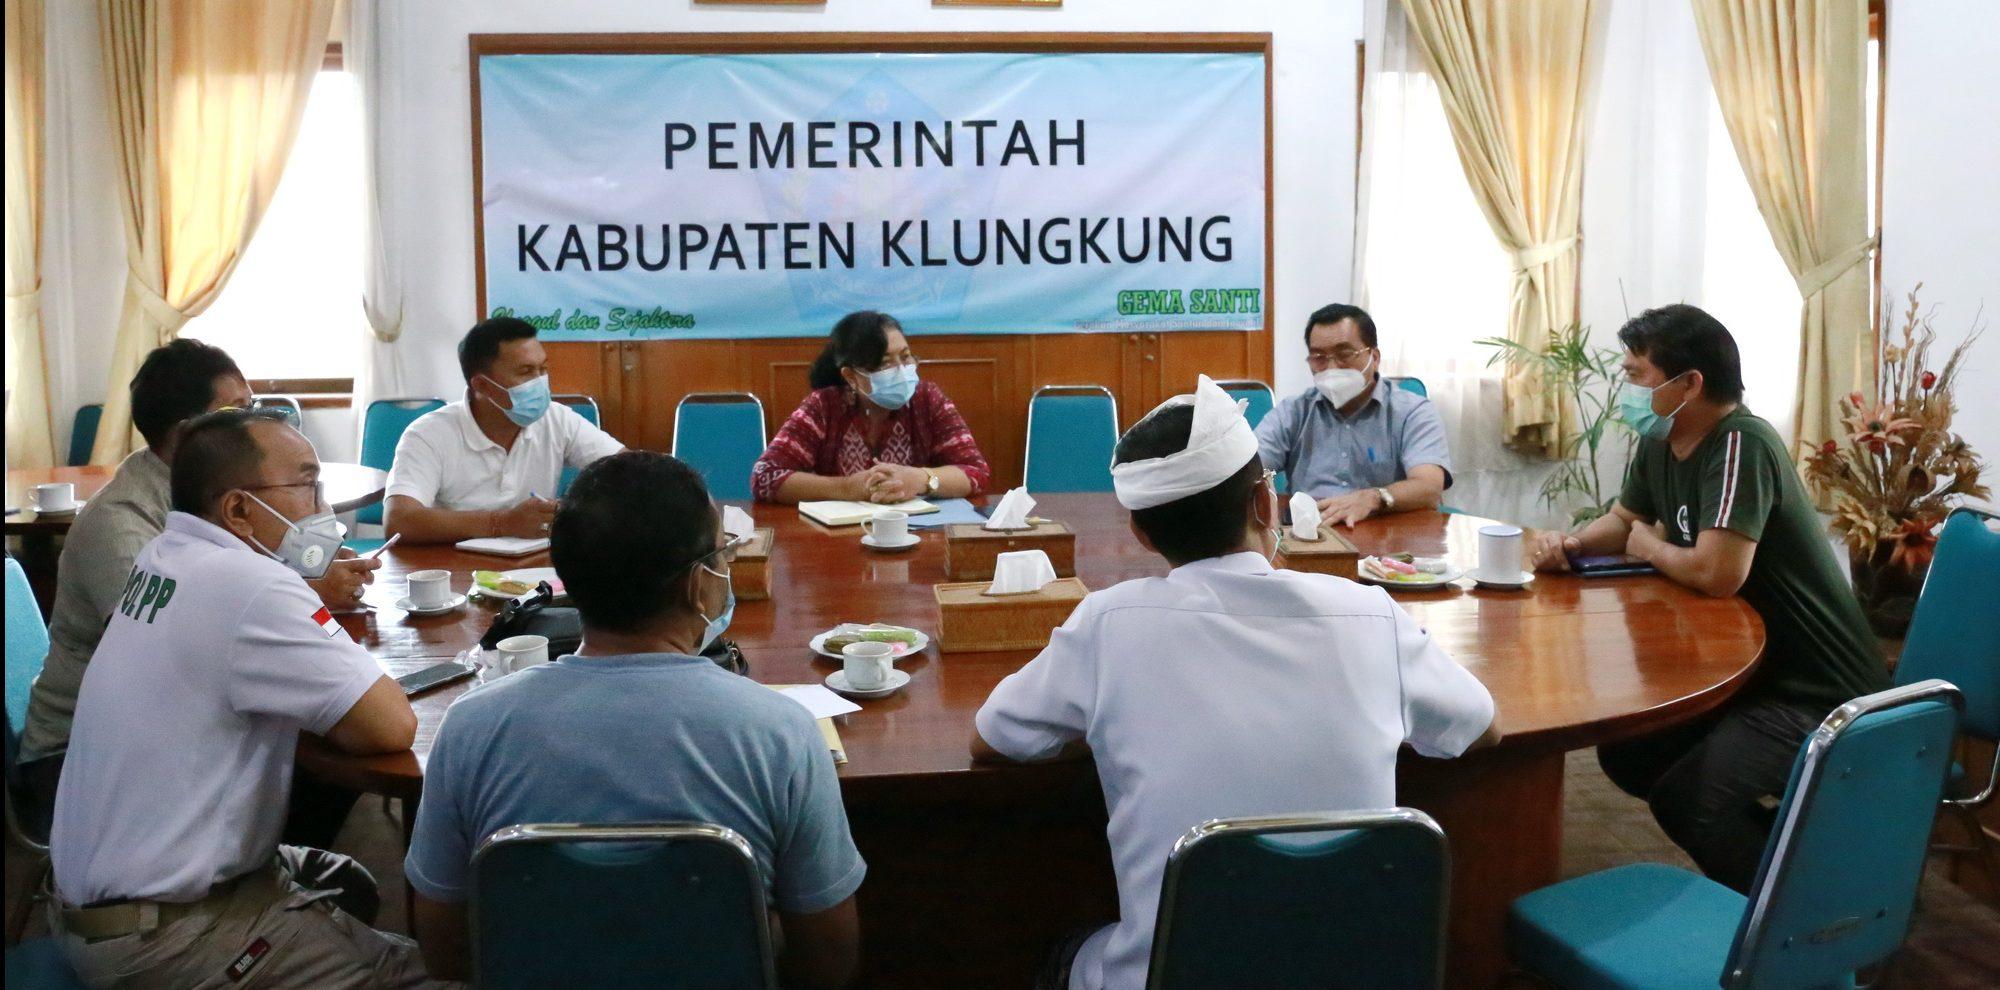 BUPATI Suwirta memimpin rapat bersama kepala OPD Pemkab Klungkung di ruang rapat Bupati Klungkung, Sabtu (20/2/2021) terkait karantina pasien Corona di hotel. Foto: ist